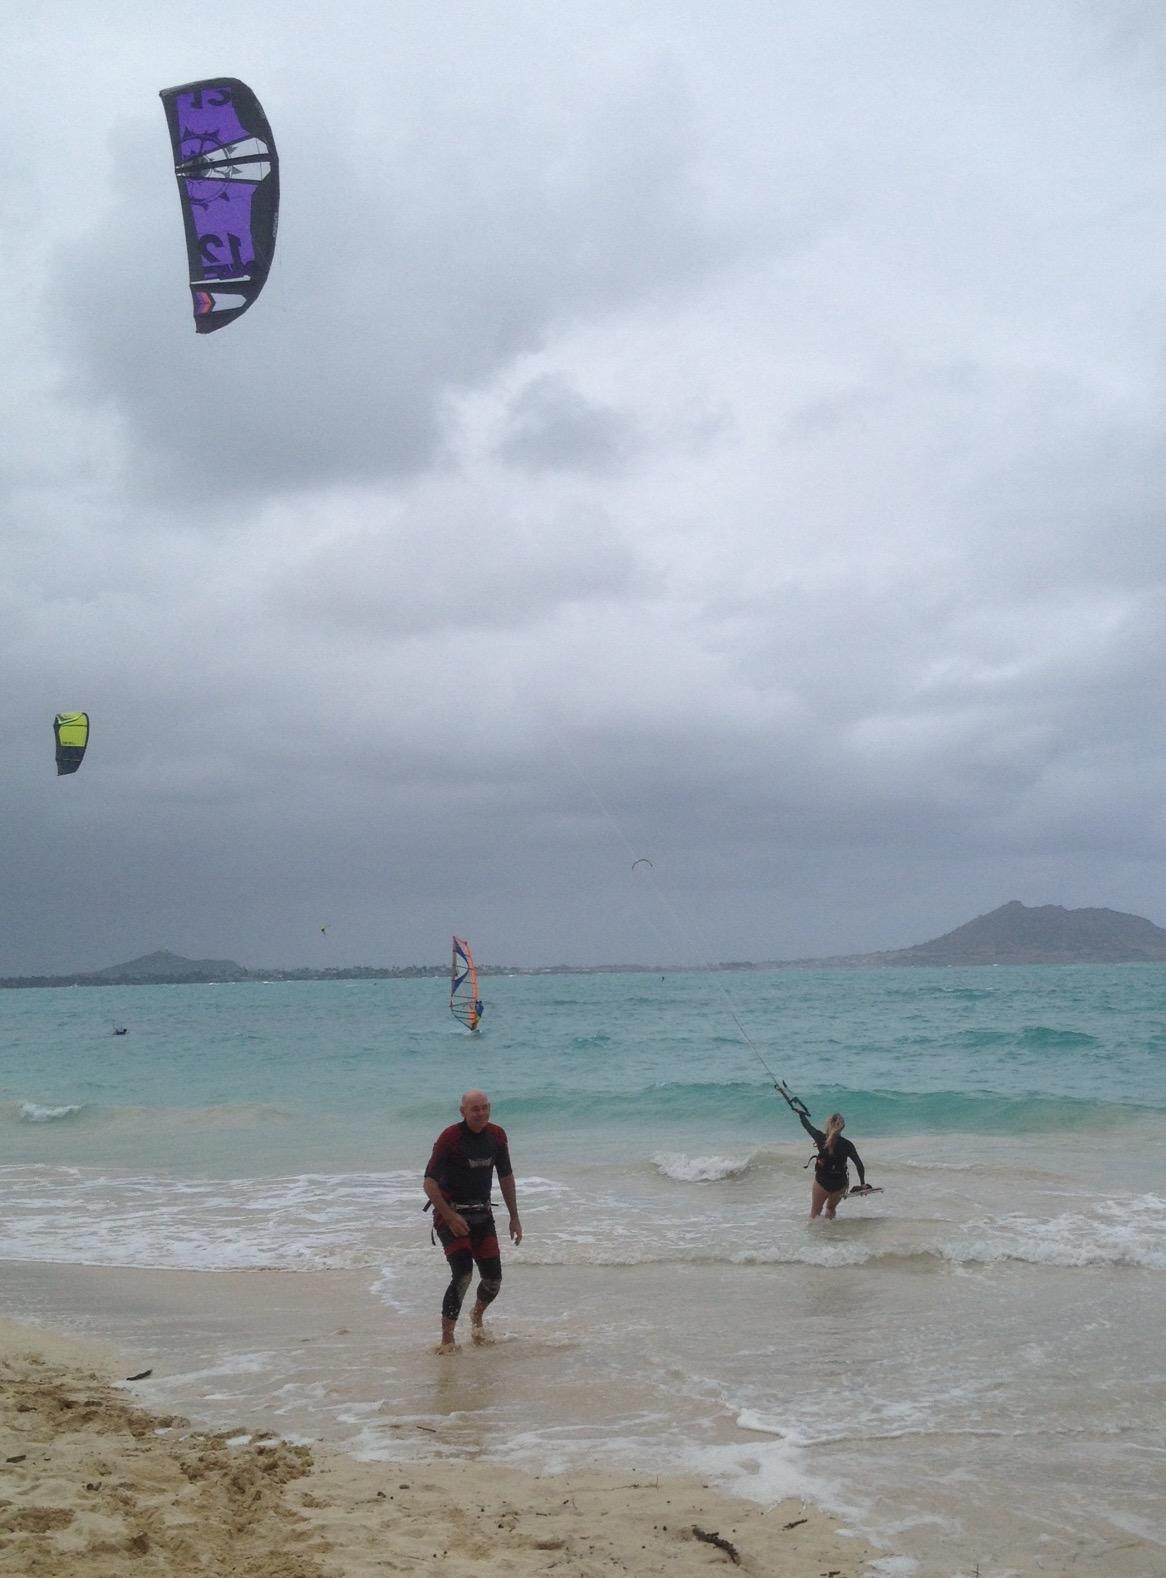 Kite surfing in Hawaii